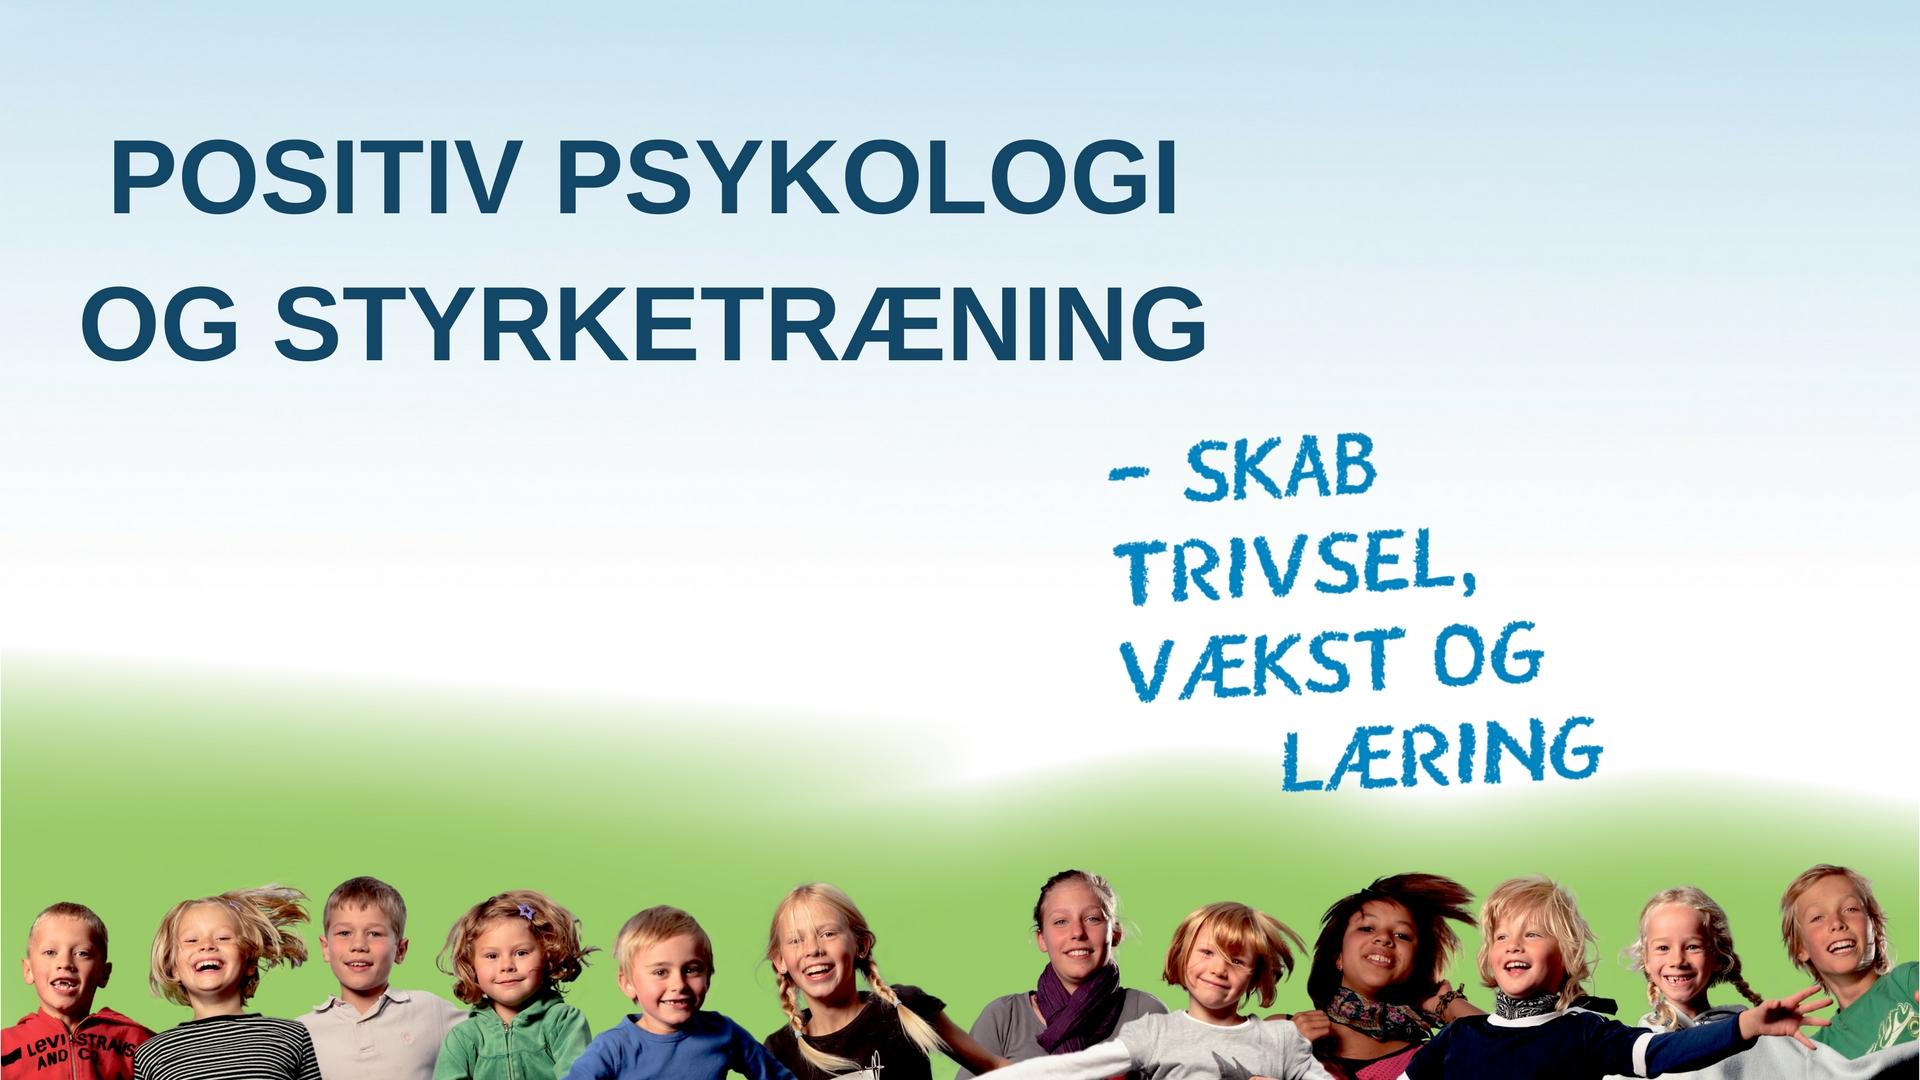 POSITIV PSYKOLOGIOG STYRKETRÆNING